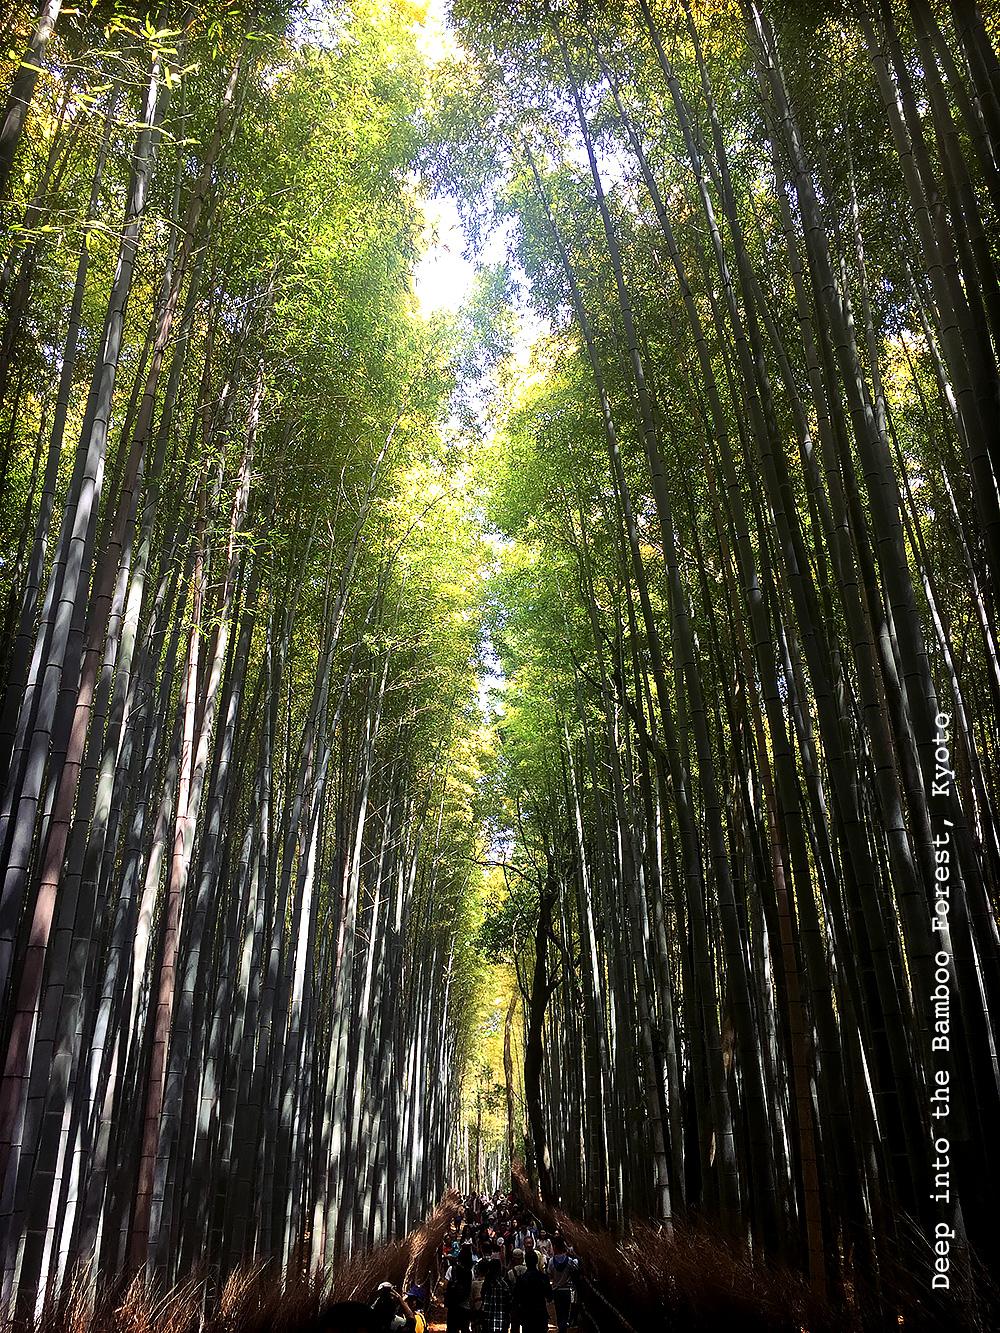 missie-cindz-bamboo-forest-kyoto-3